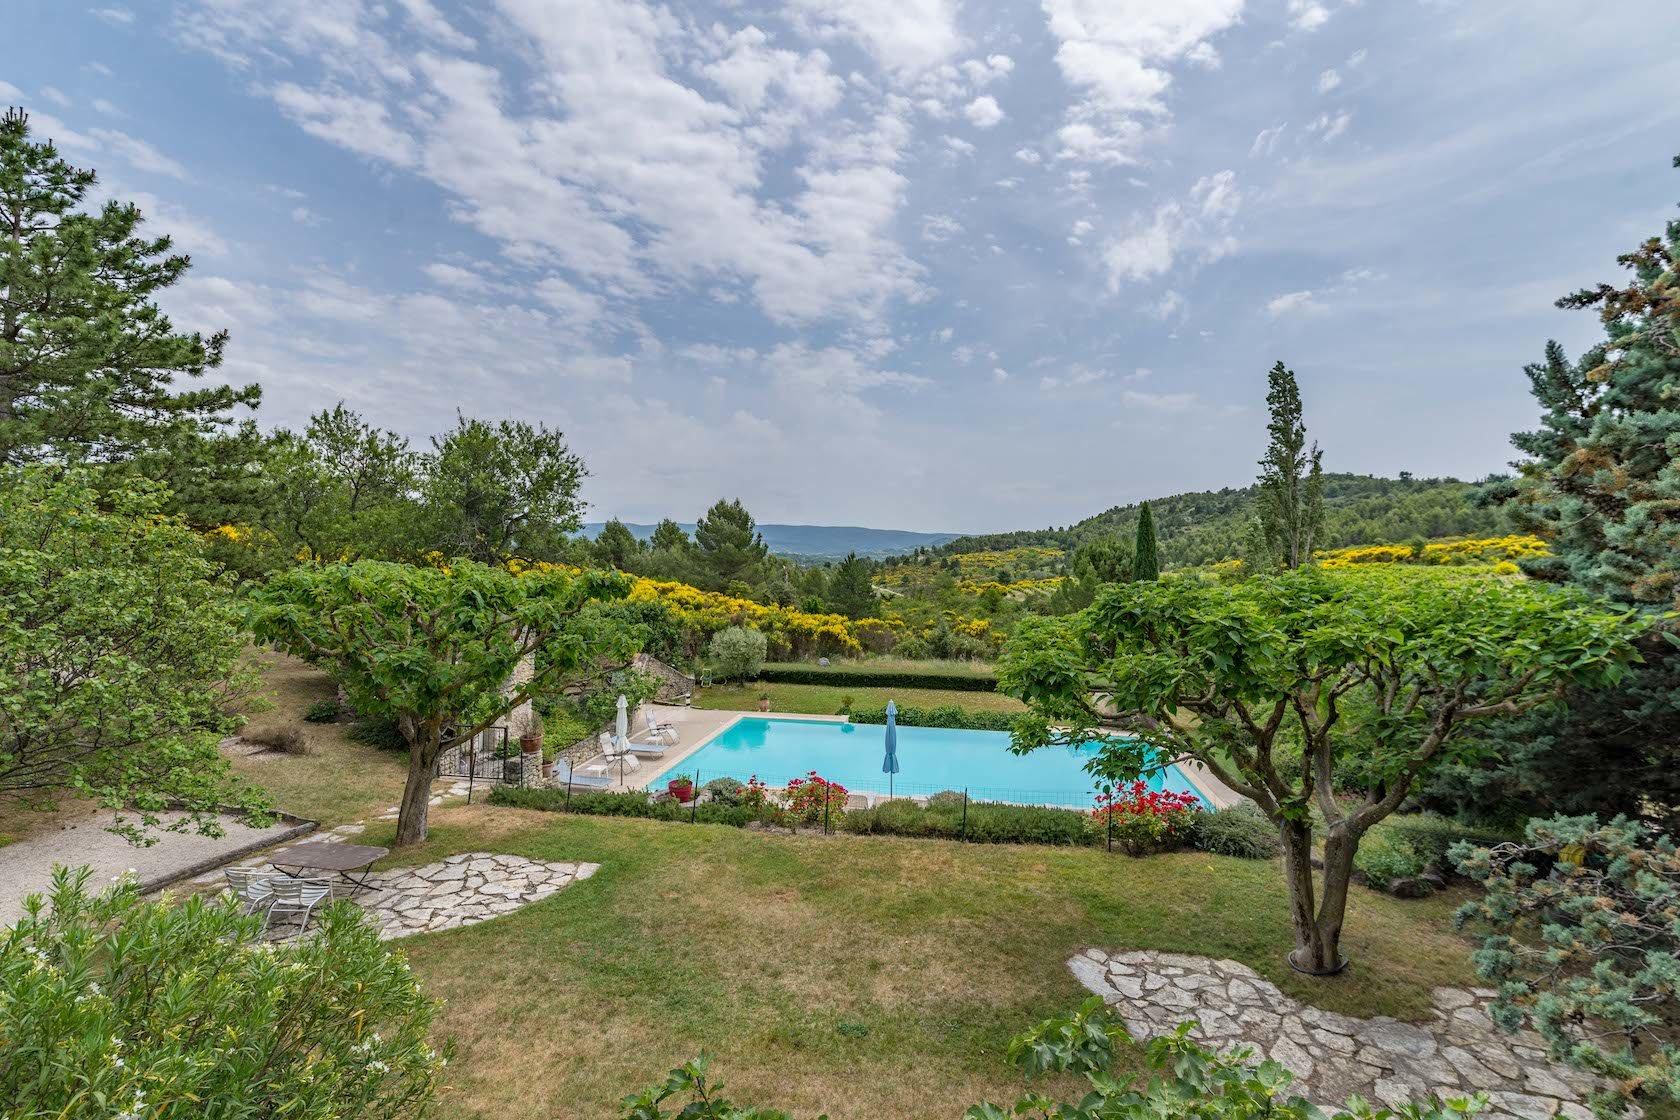 Villas for Sale - A3111857